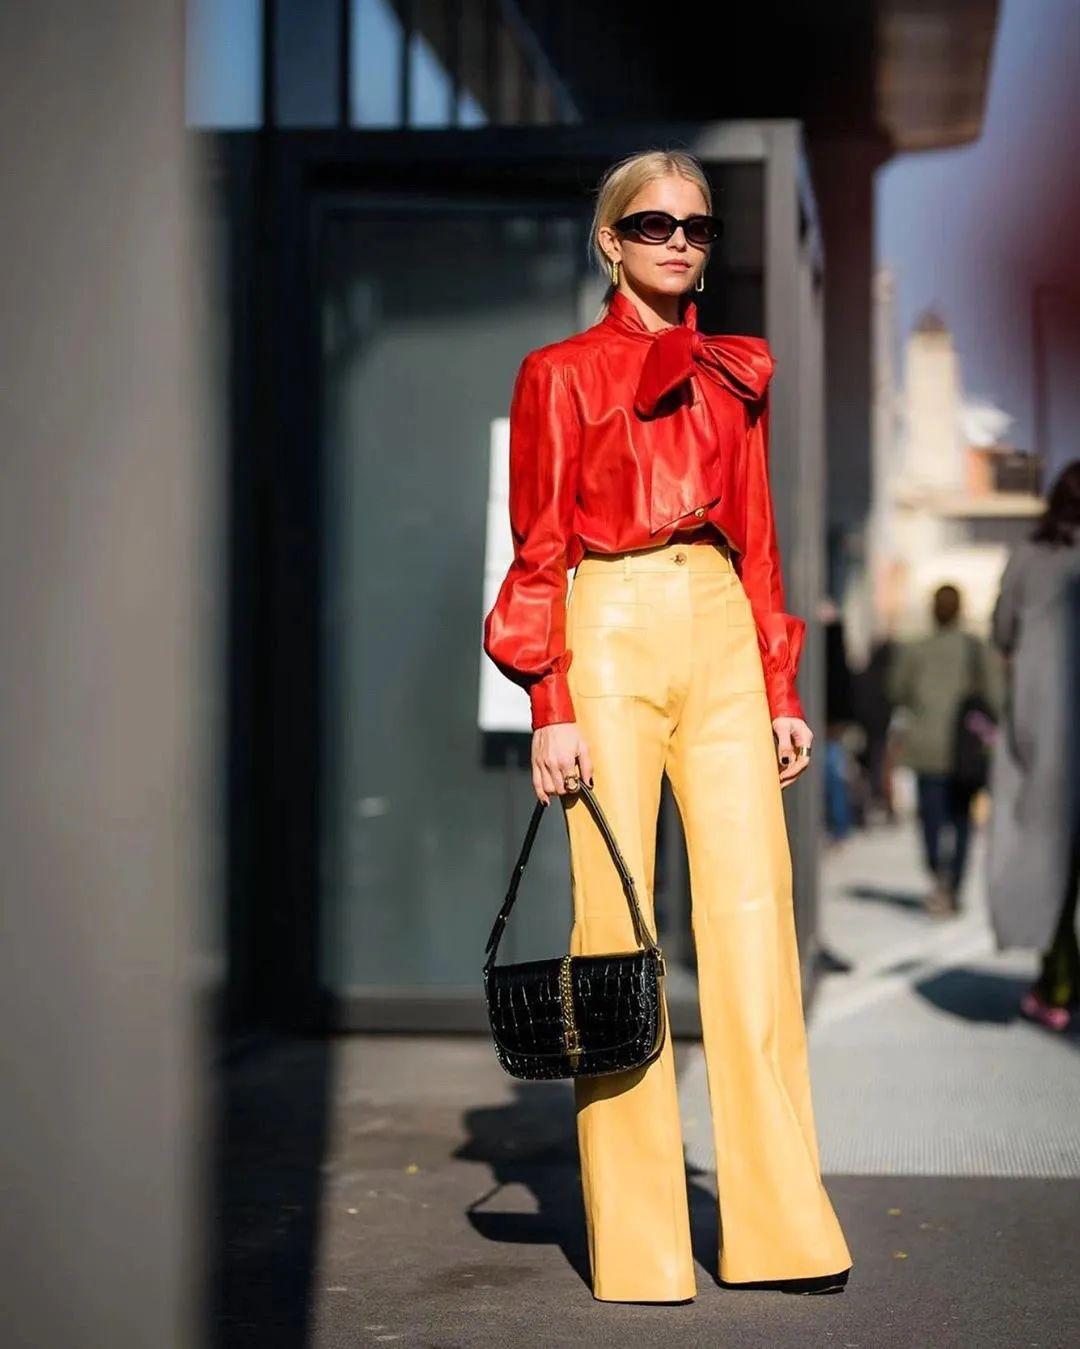 上衣短、下装长,时髦又显高